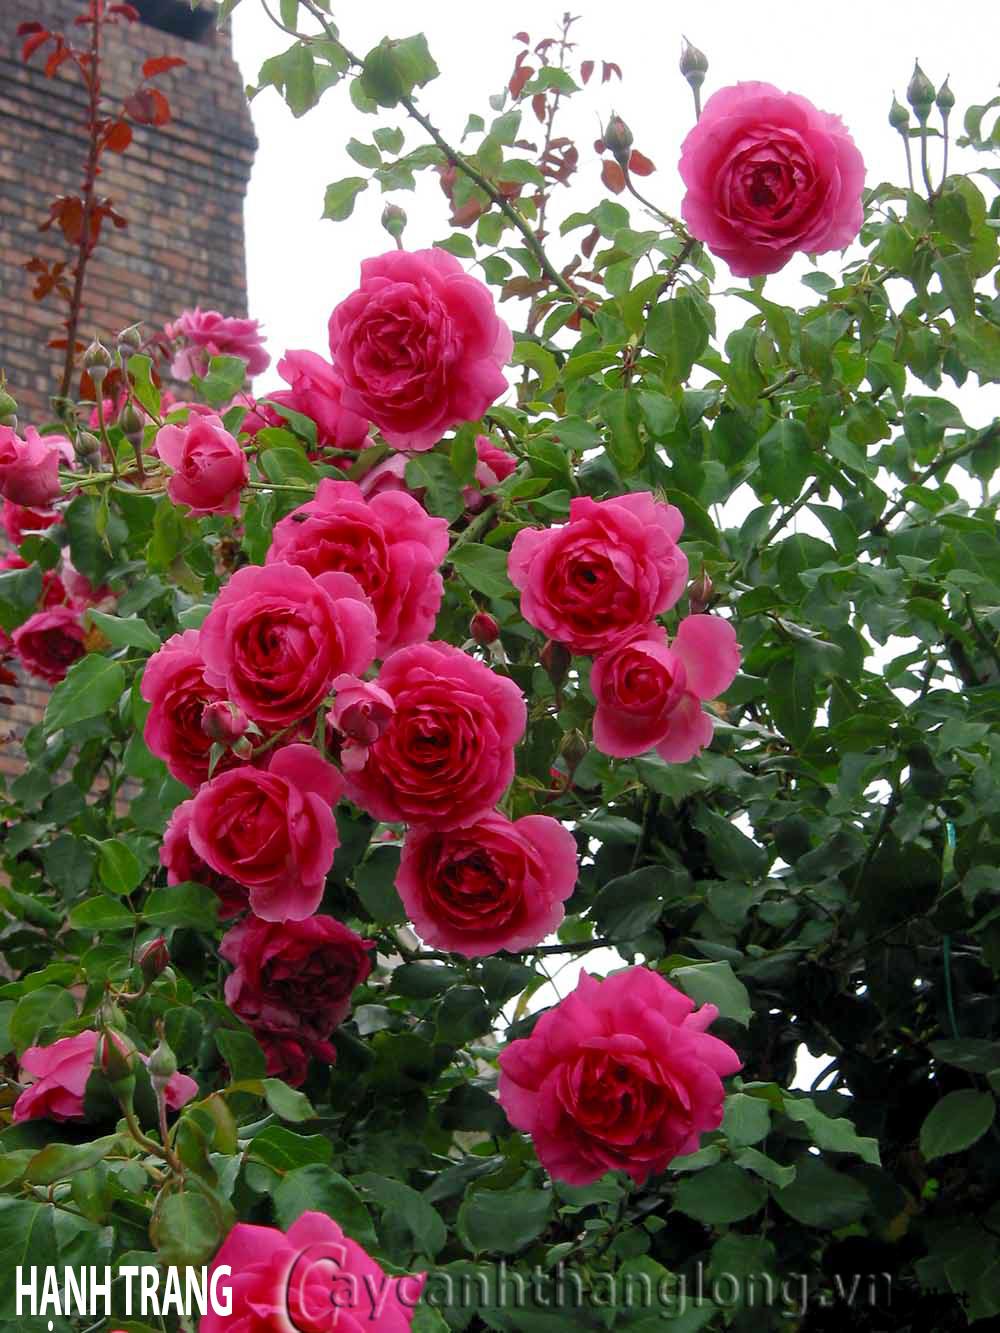 Cây hoa hồng leo Hạnh Trang 121